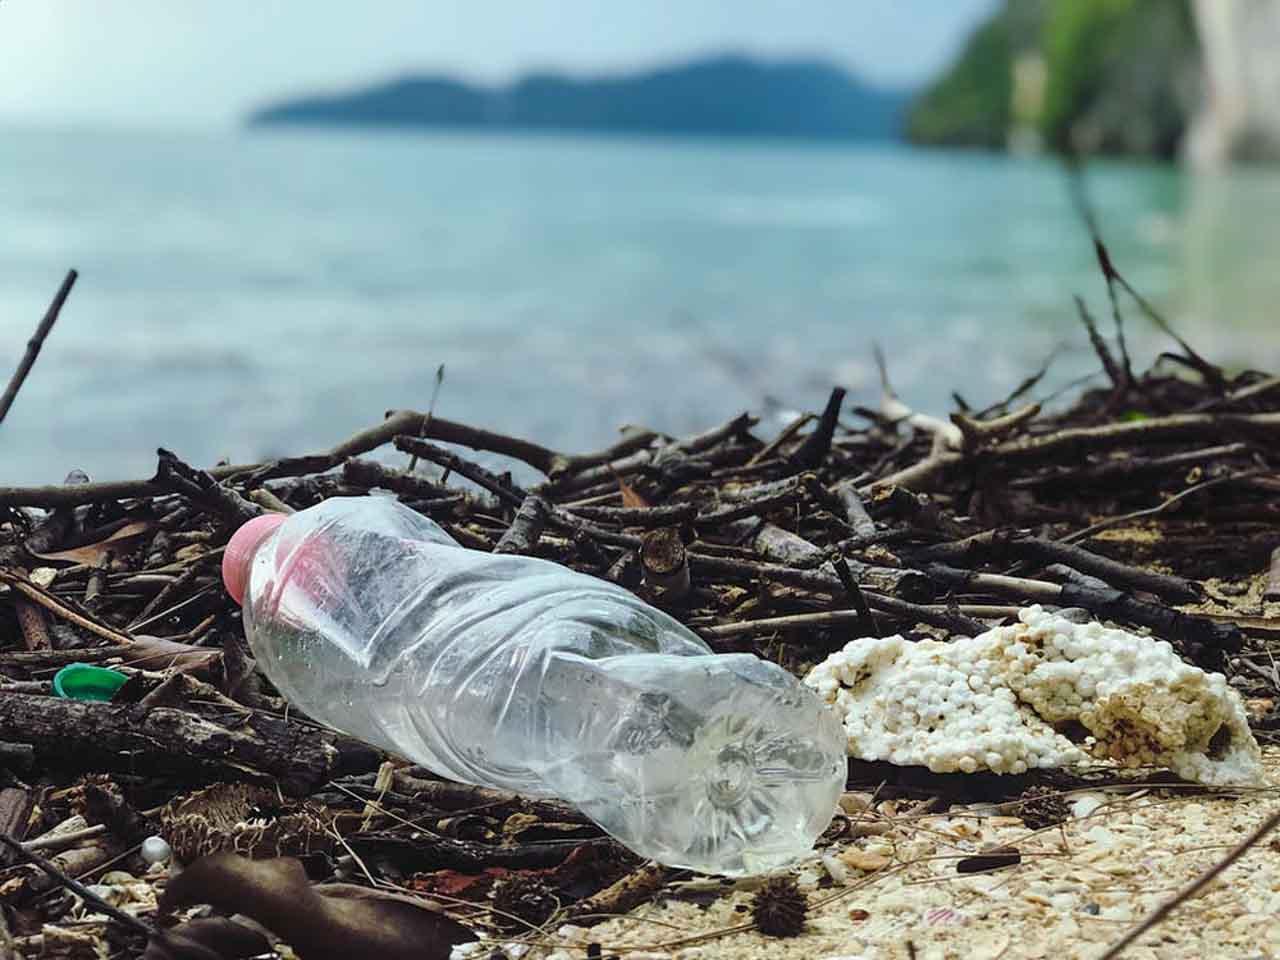 Lixo na Tailândia: Governo devolve lixo deixado por turistas em Parque Nacional